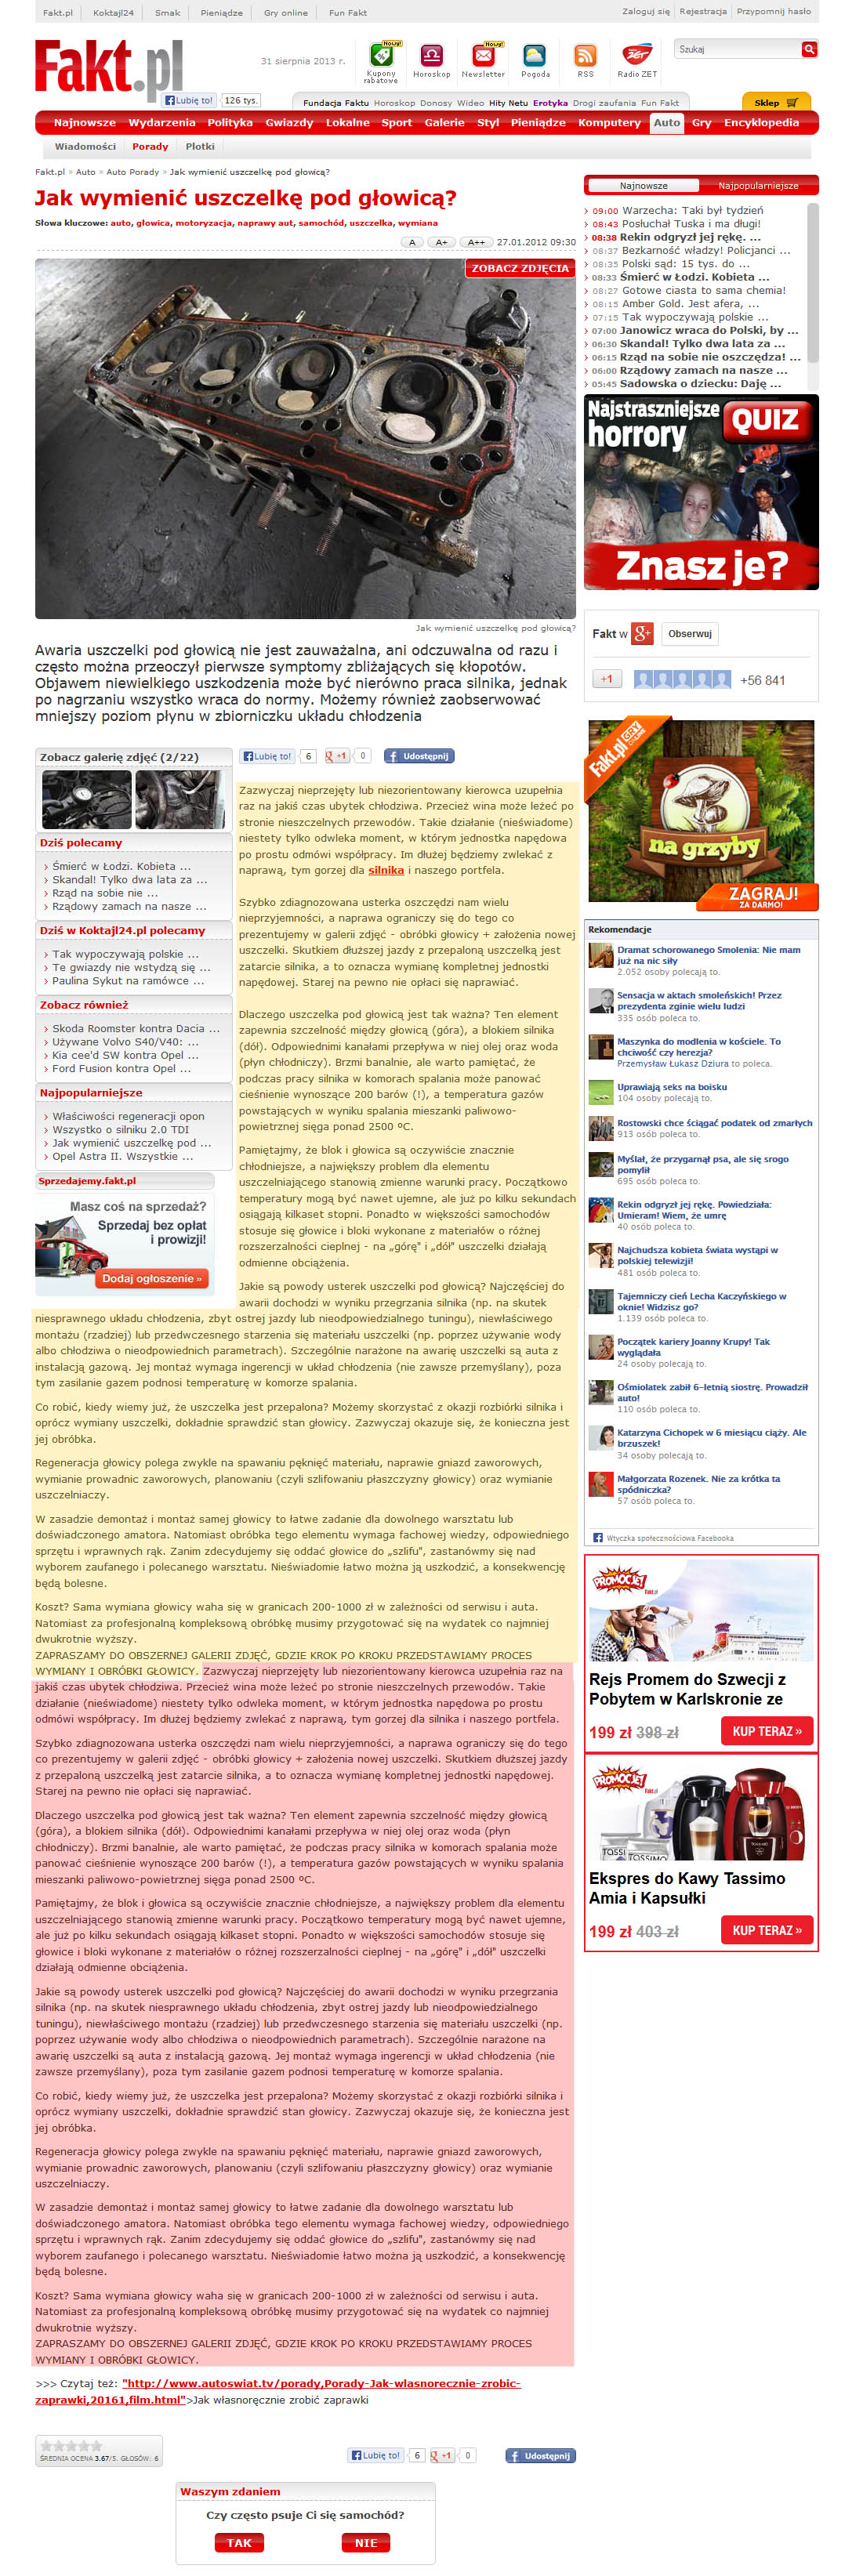 www.fakt.pl - 2013-08-31 - 09h-48m-46s